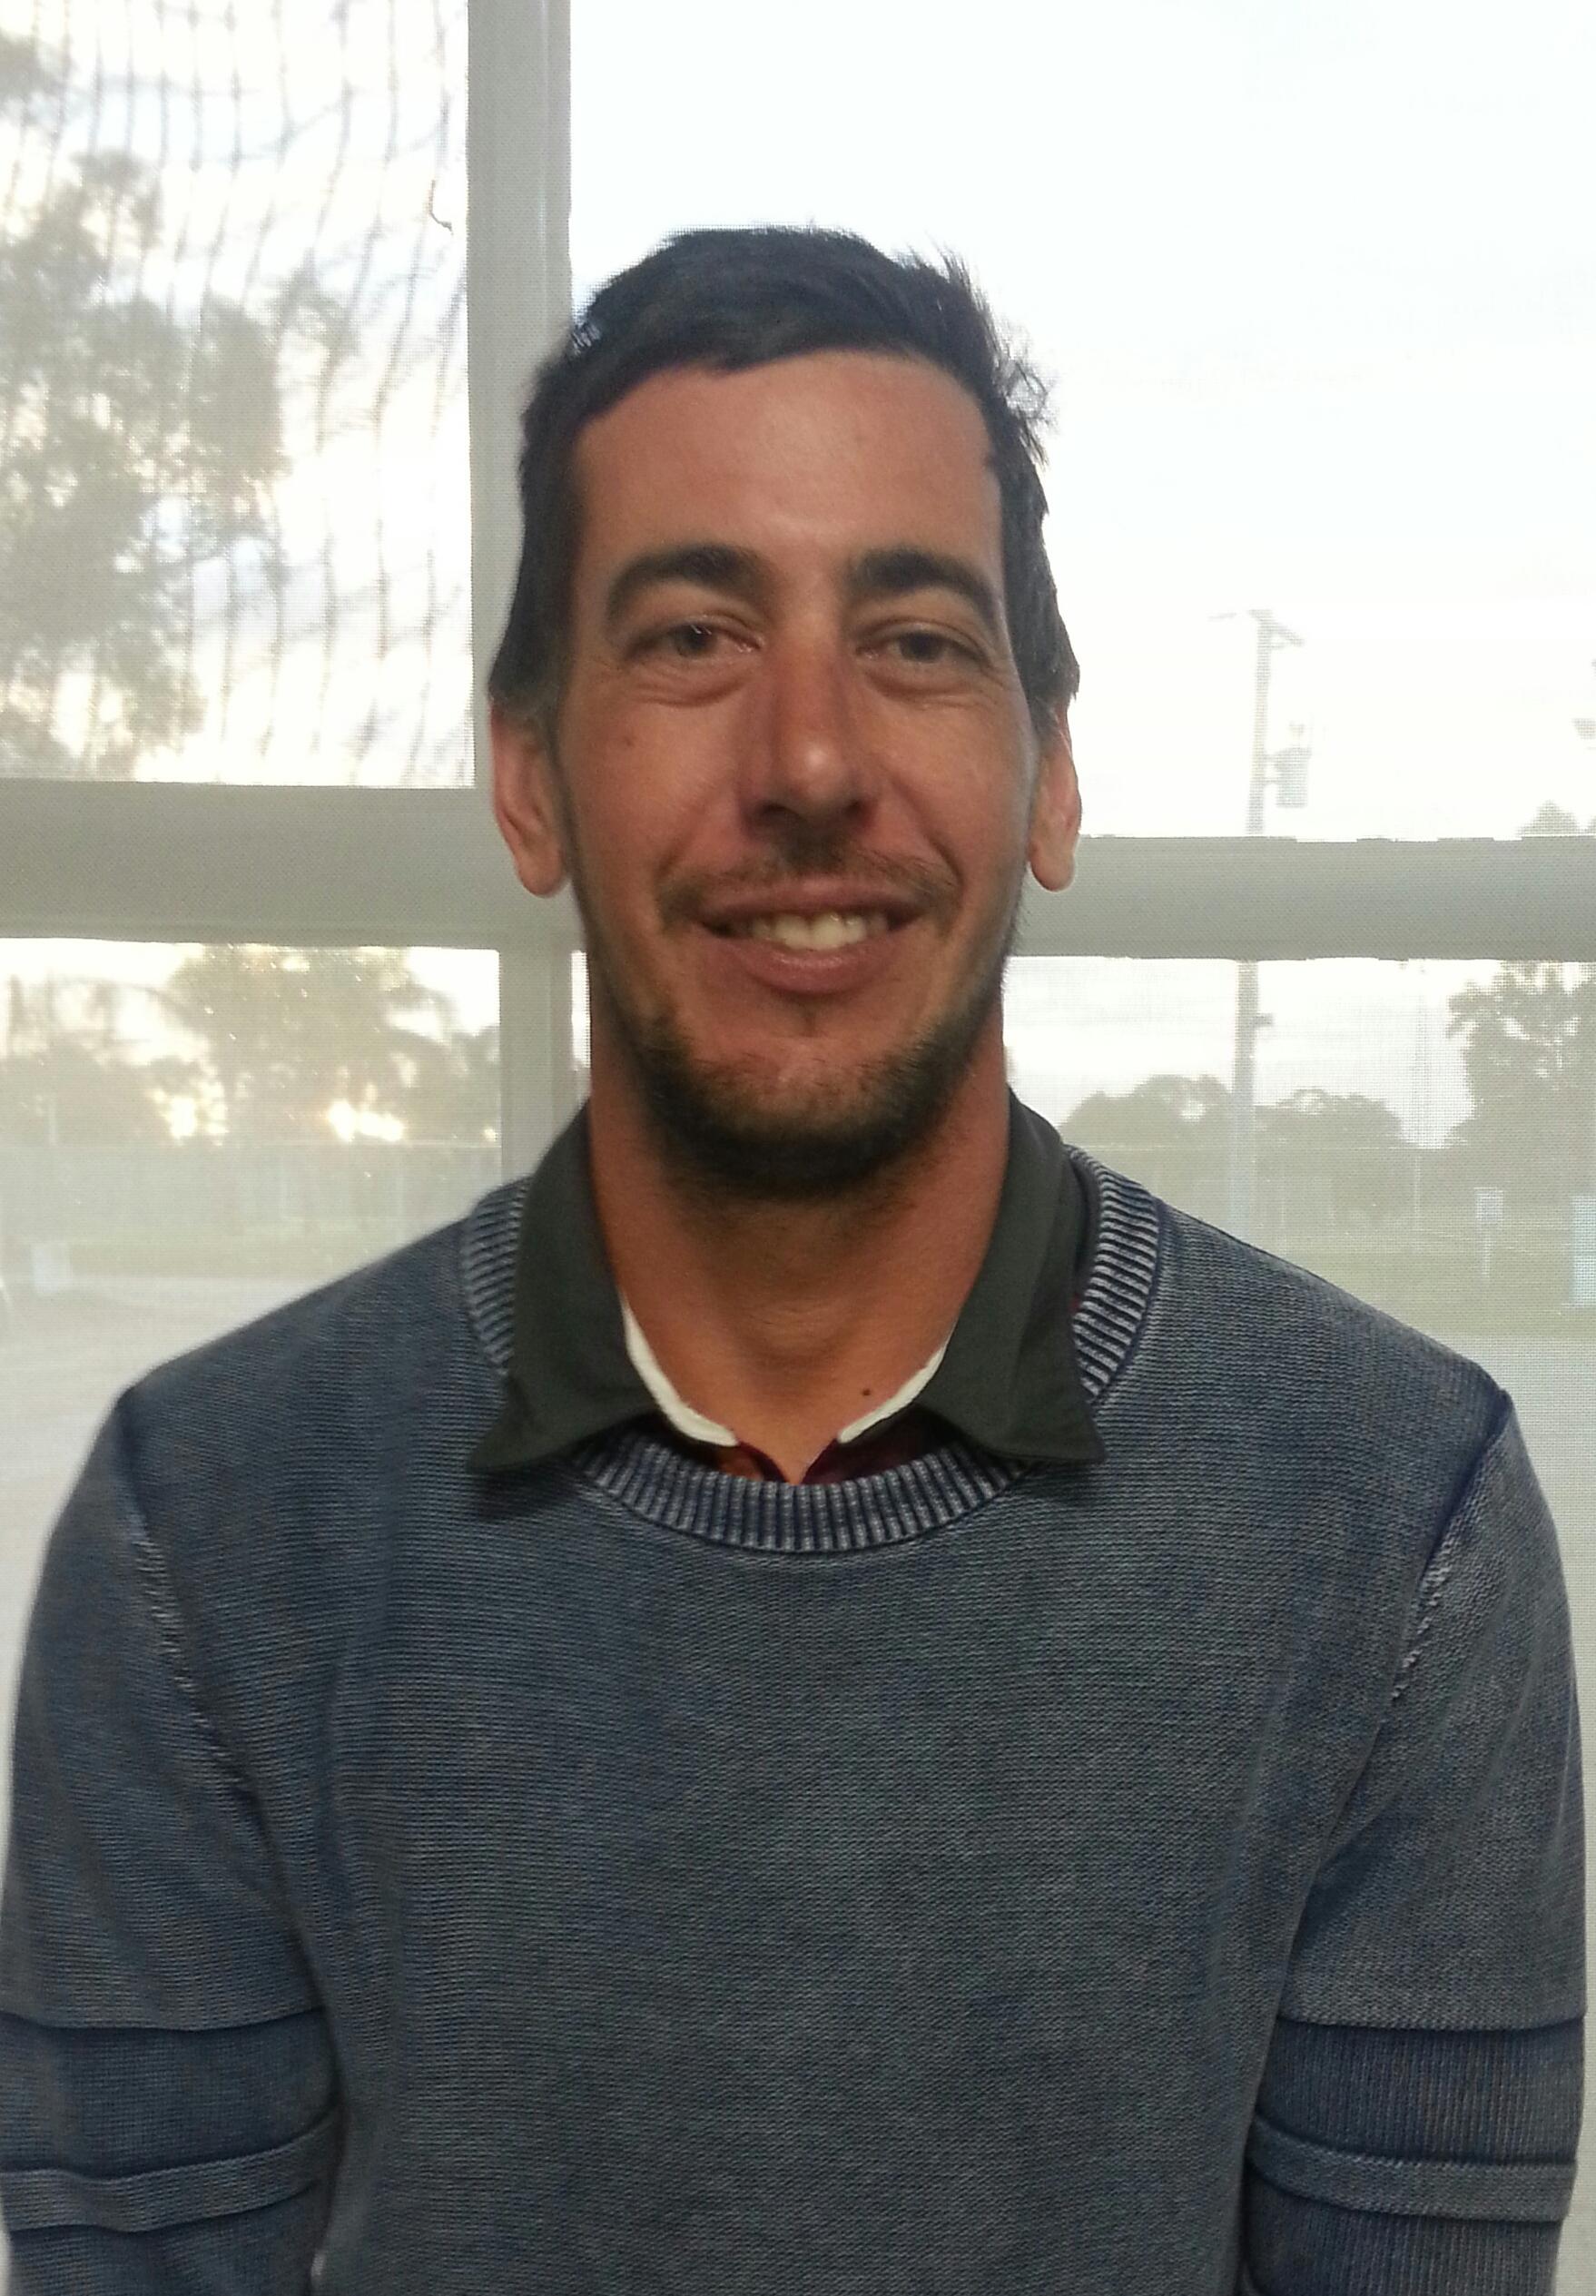 Jarrad Walker, winner of Thursday's event.